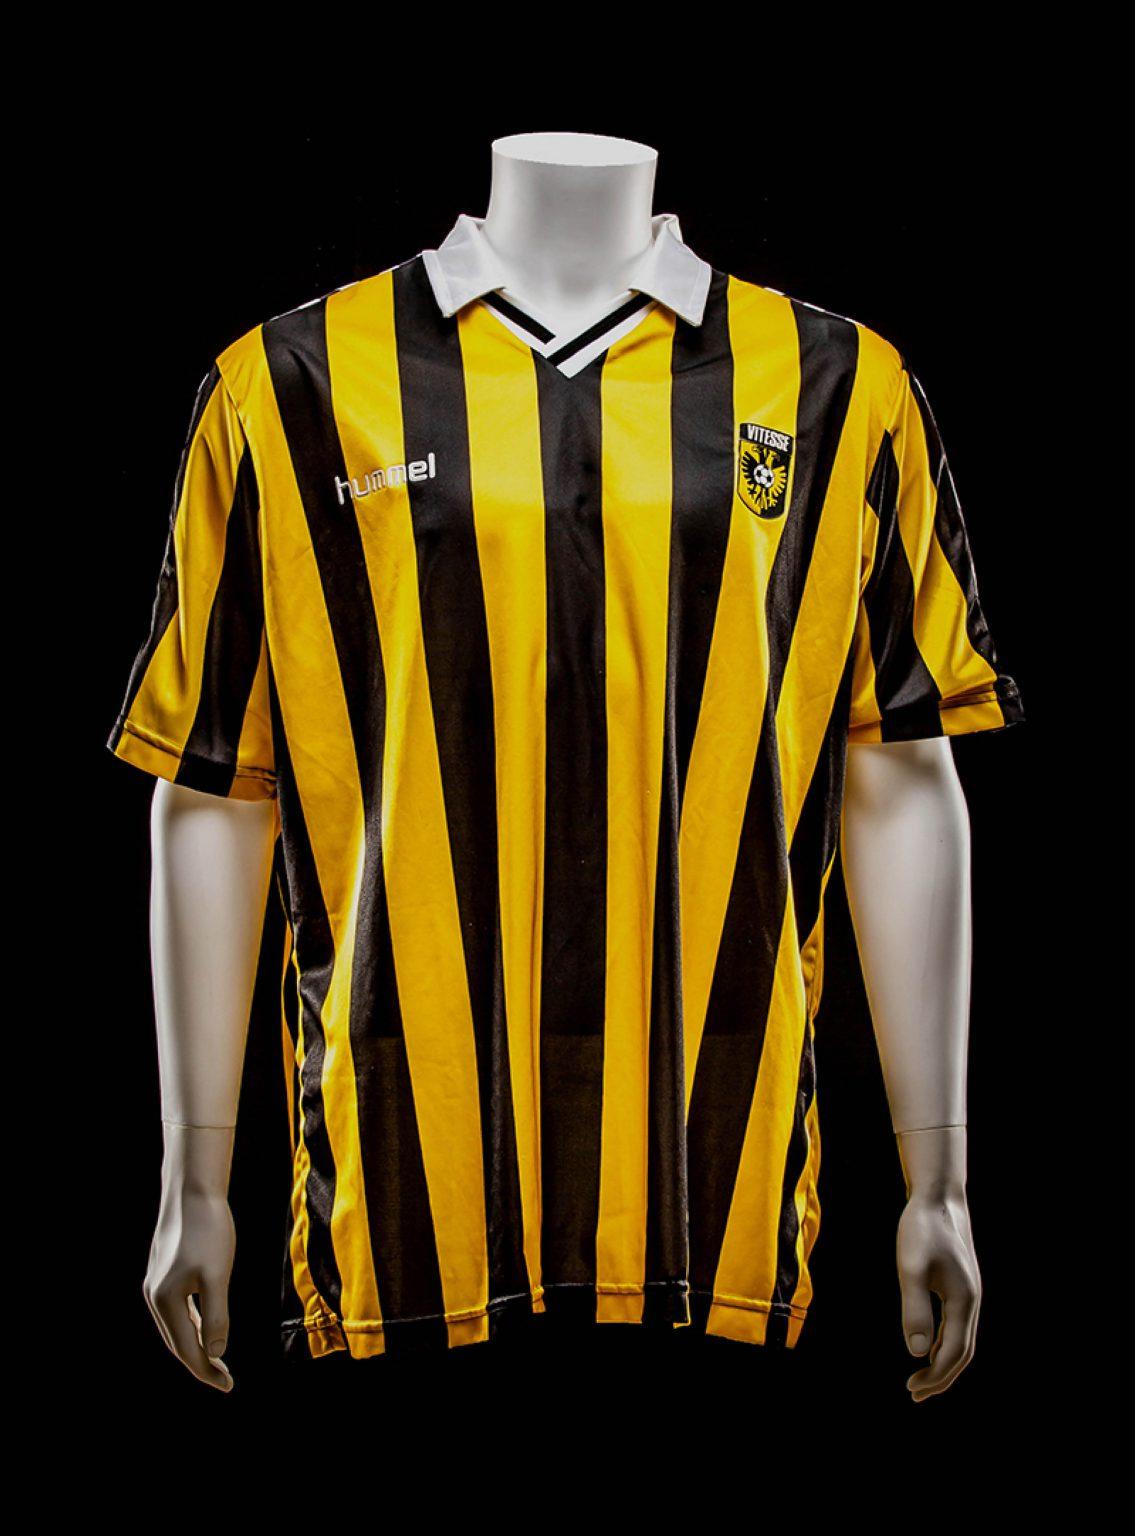 #12 Jurrie Koolhof Vitesse 1989-1990